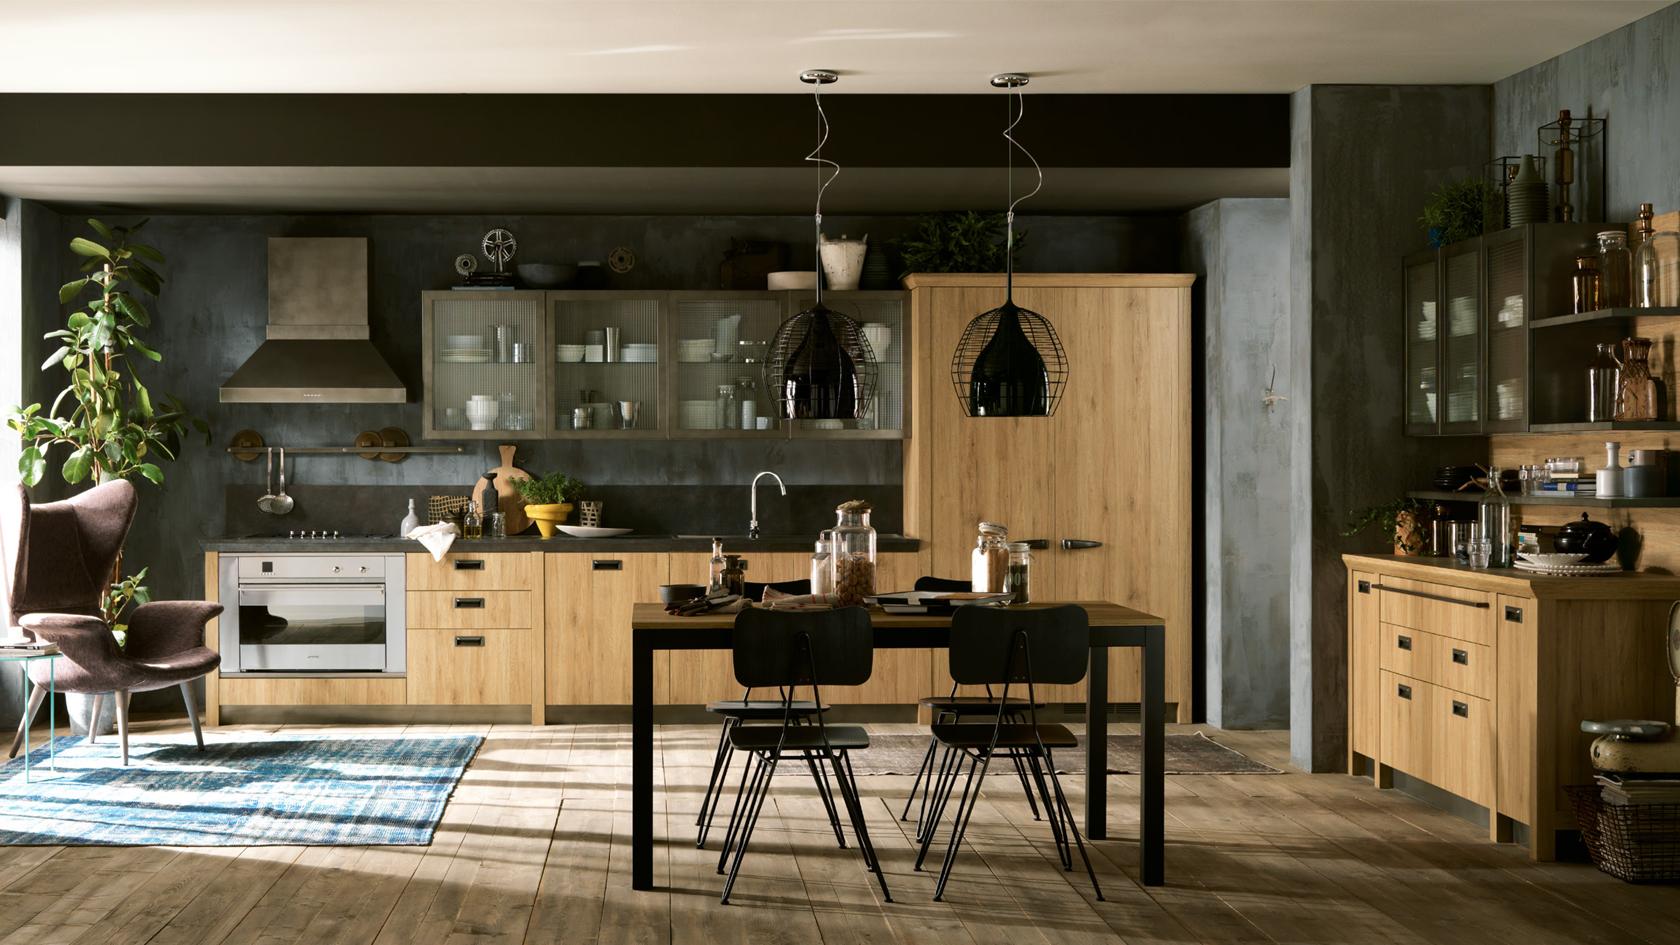 El estilo industrial: una revolución en el diseño de cocinas